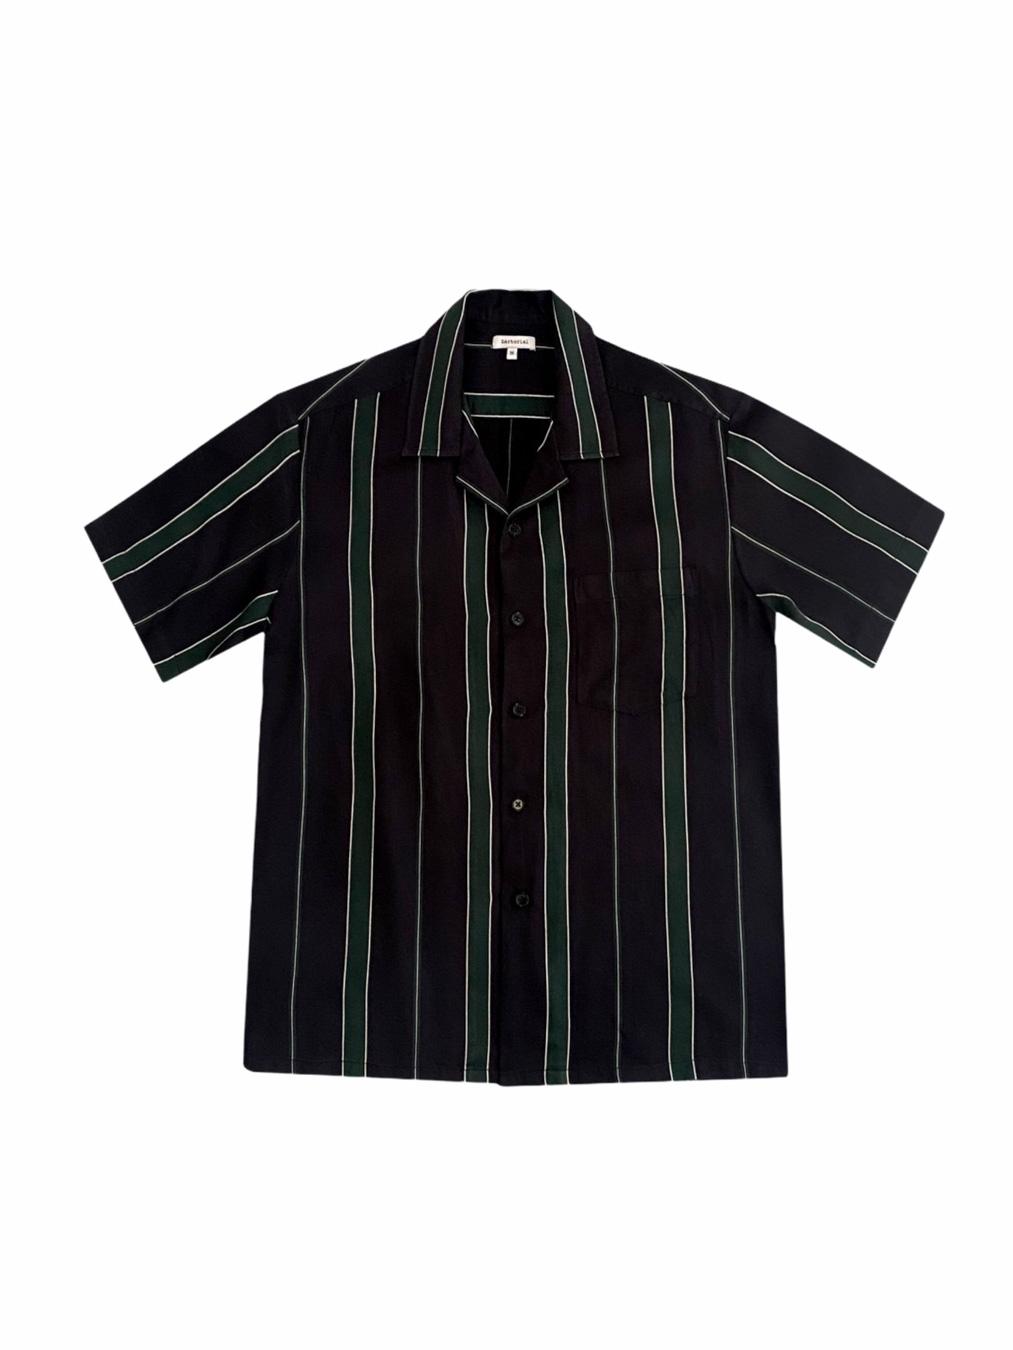 Pyjamas Striped Shirt